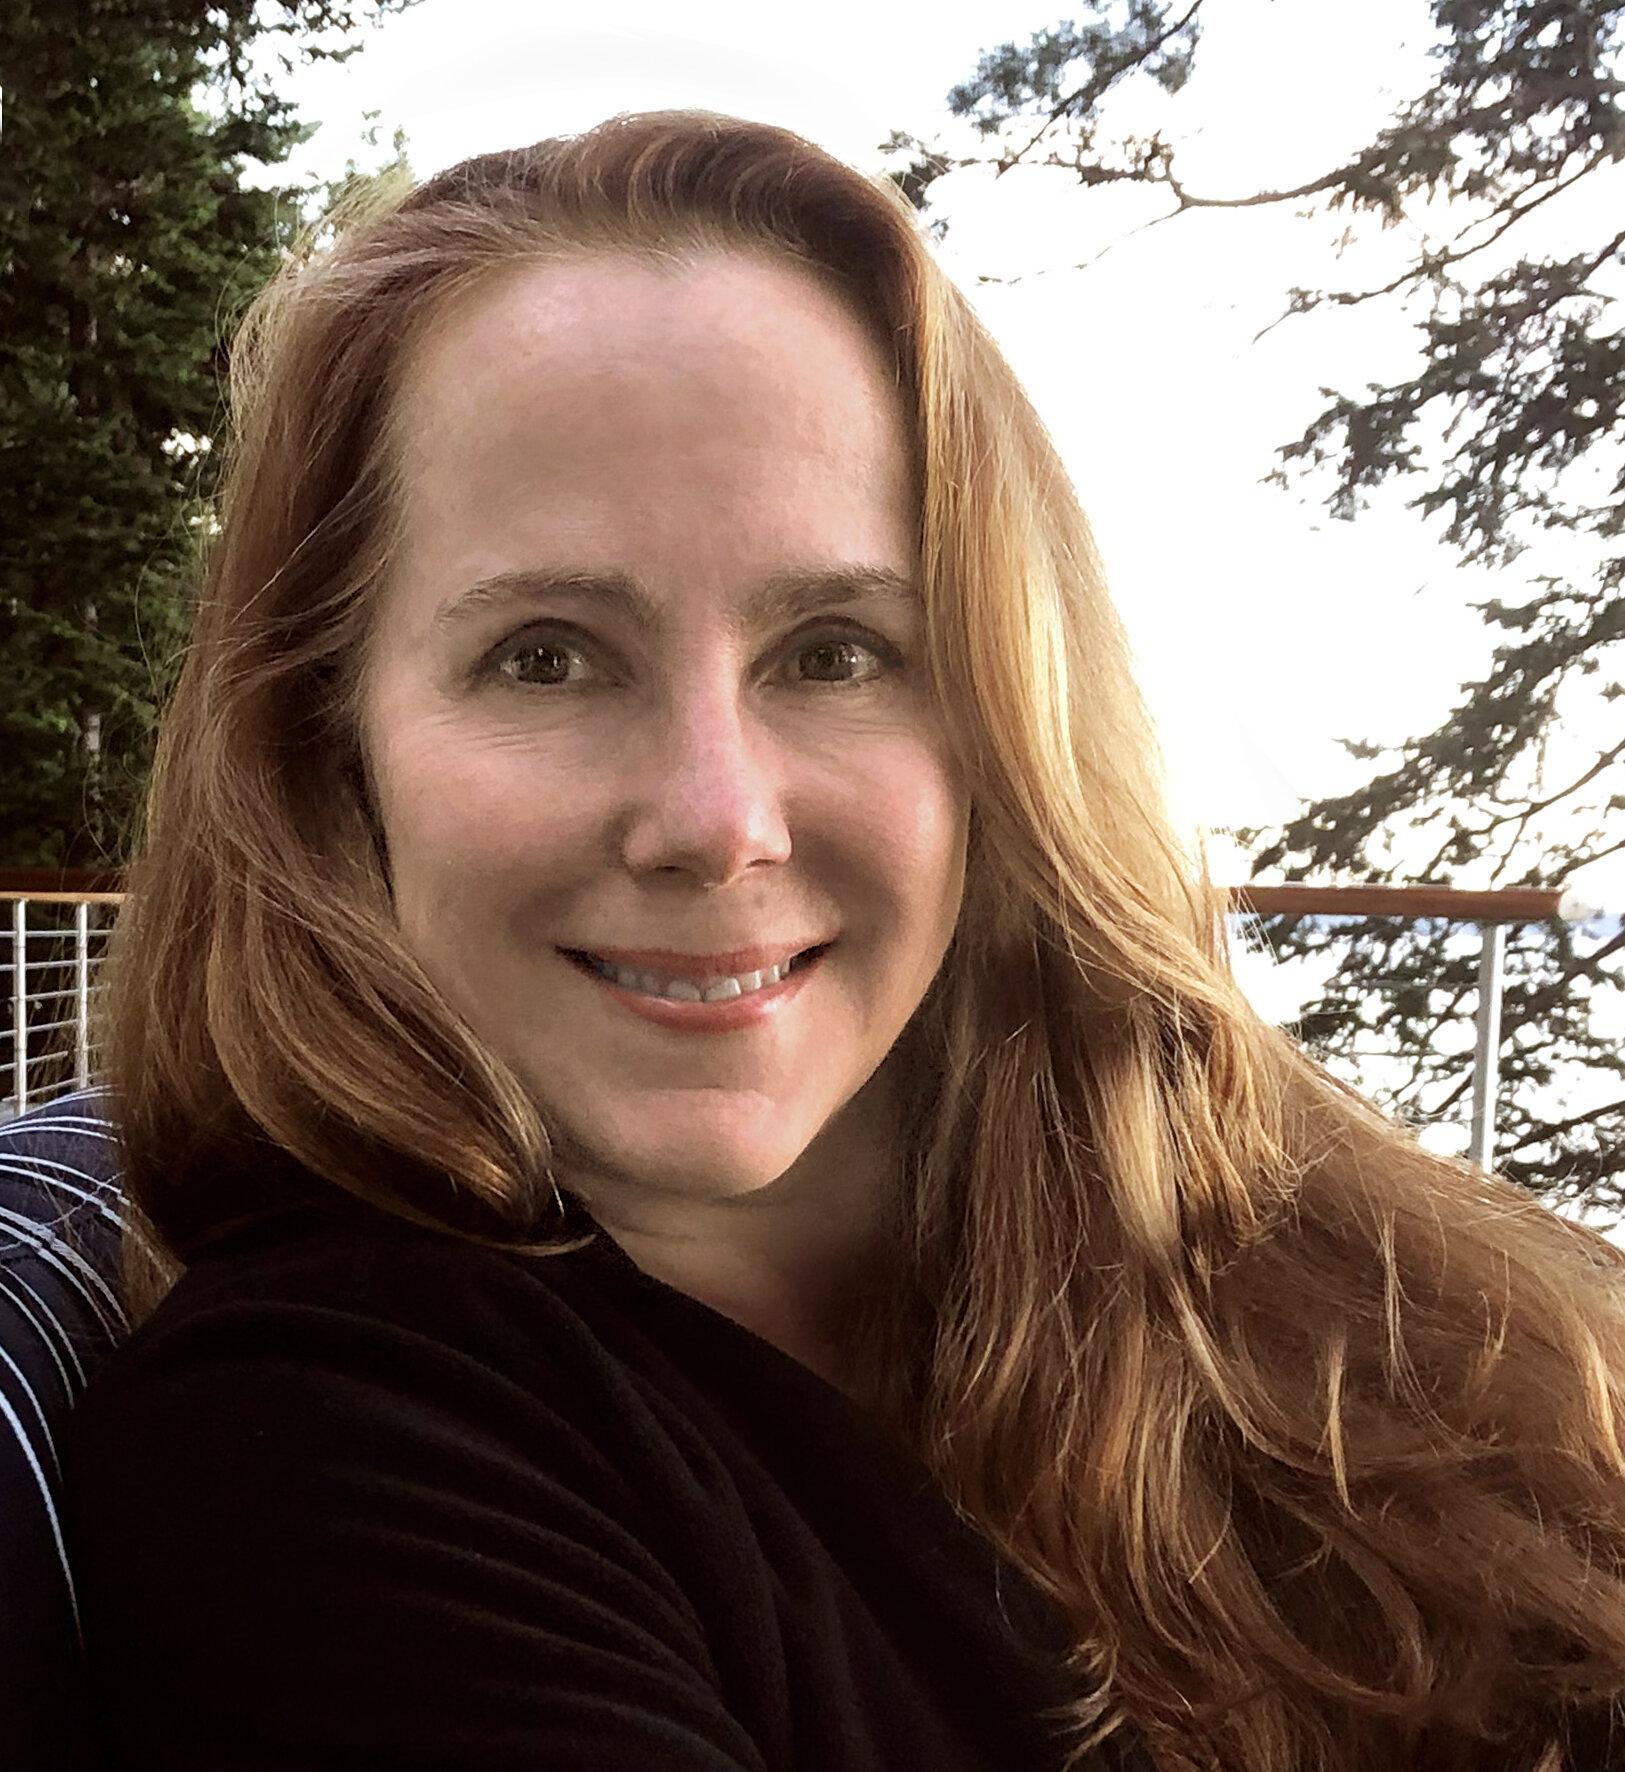 Corta vida Tumor maligno patrón  BIO — Hillary Jordan